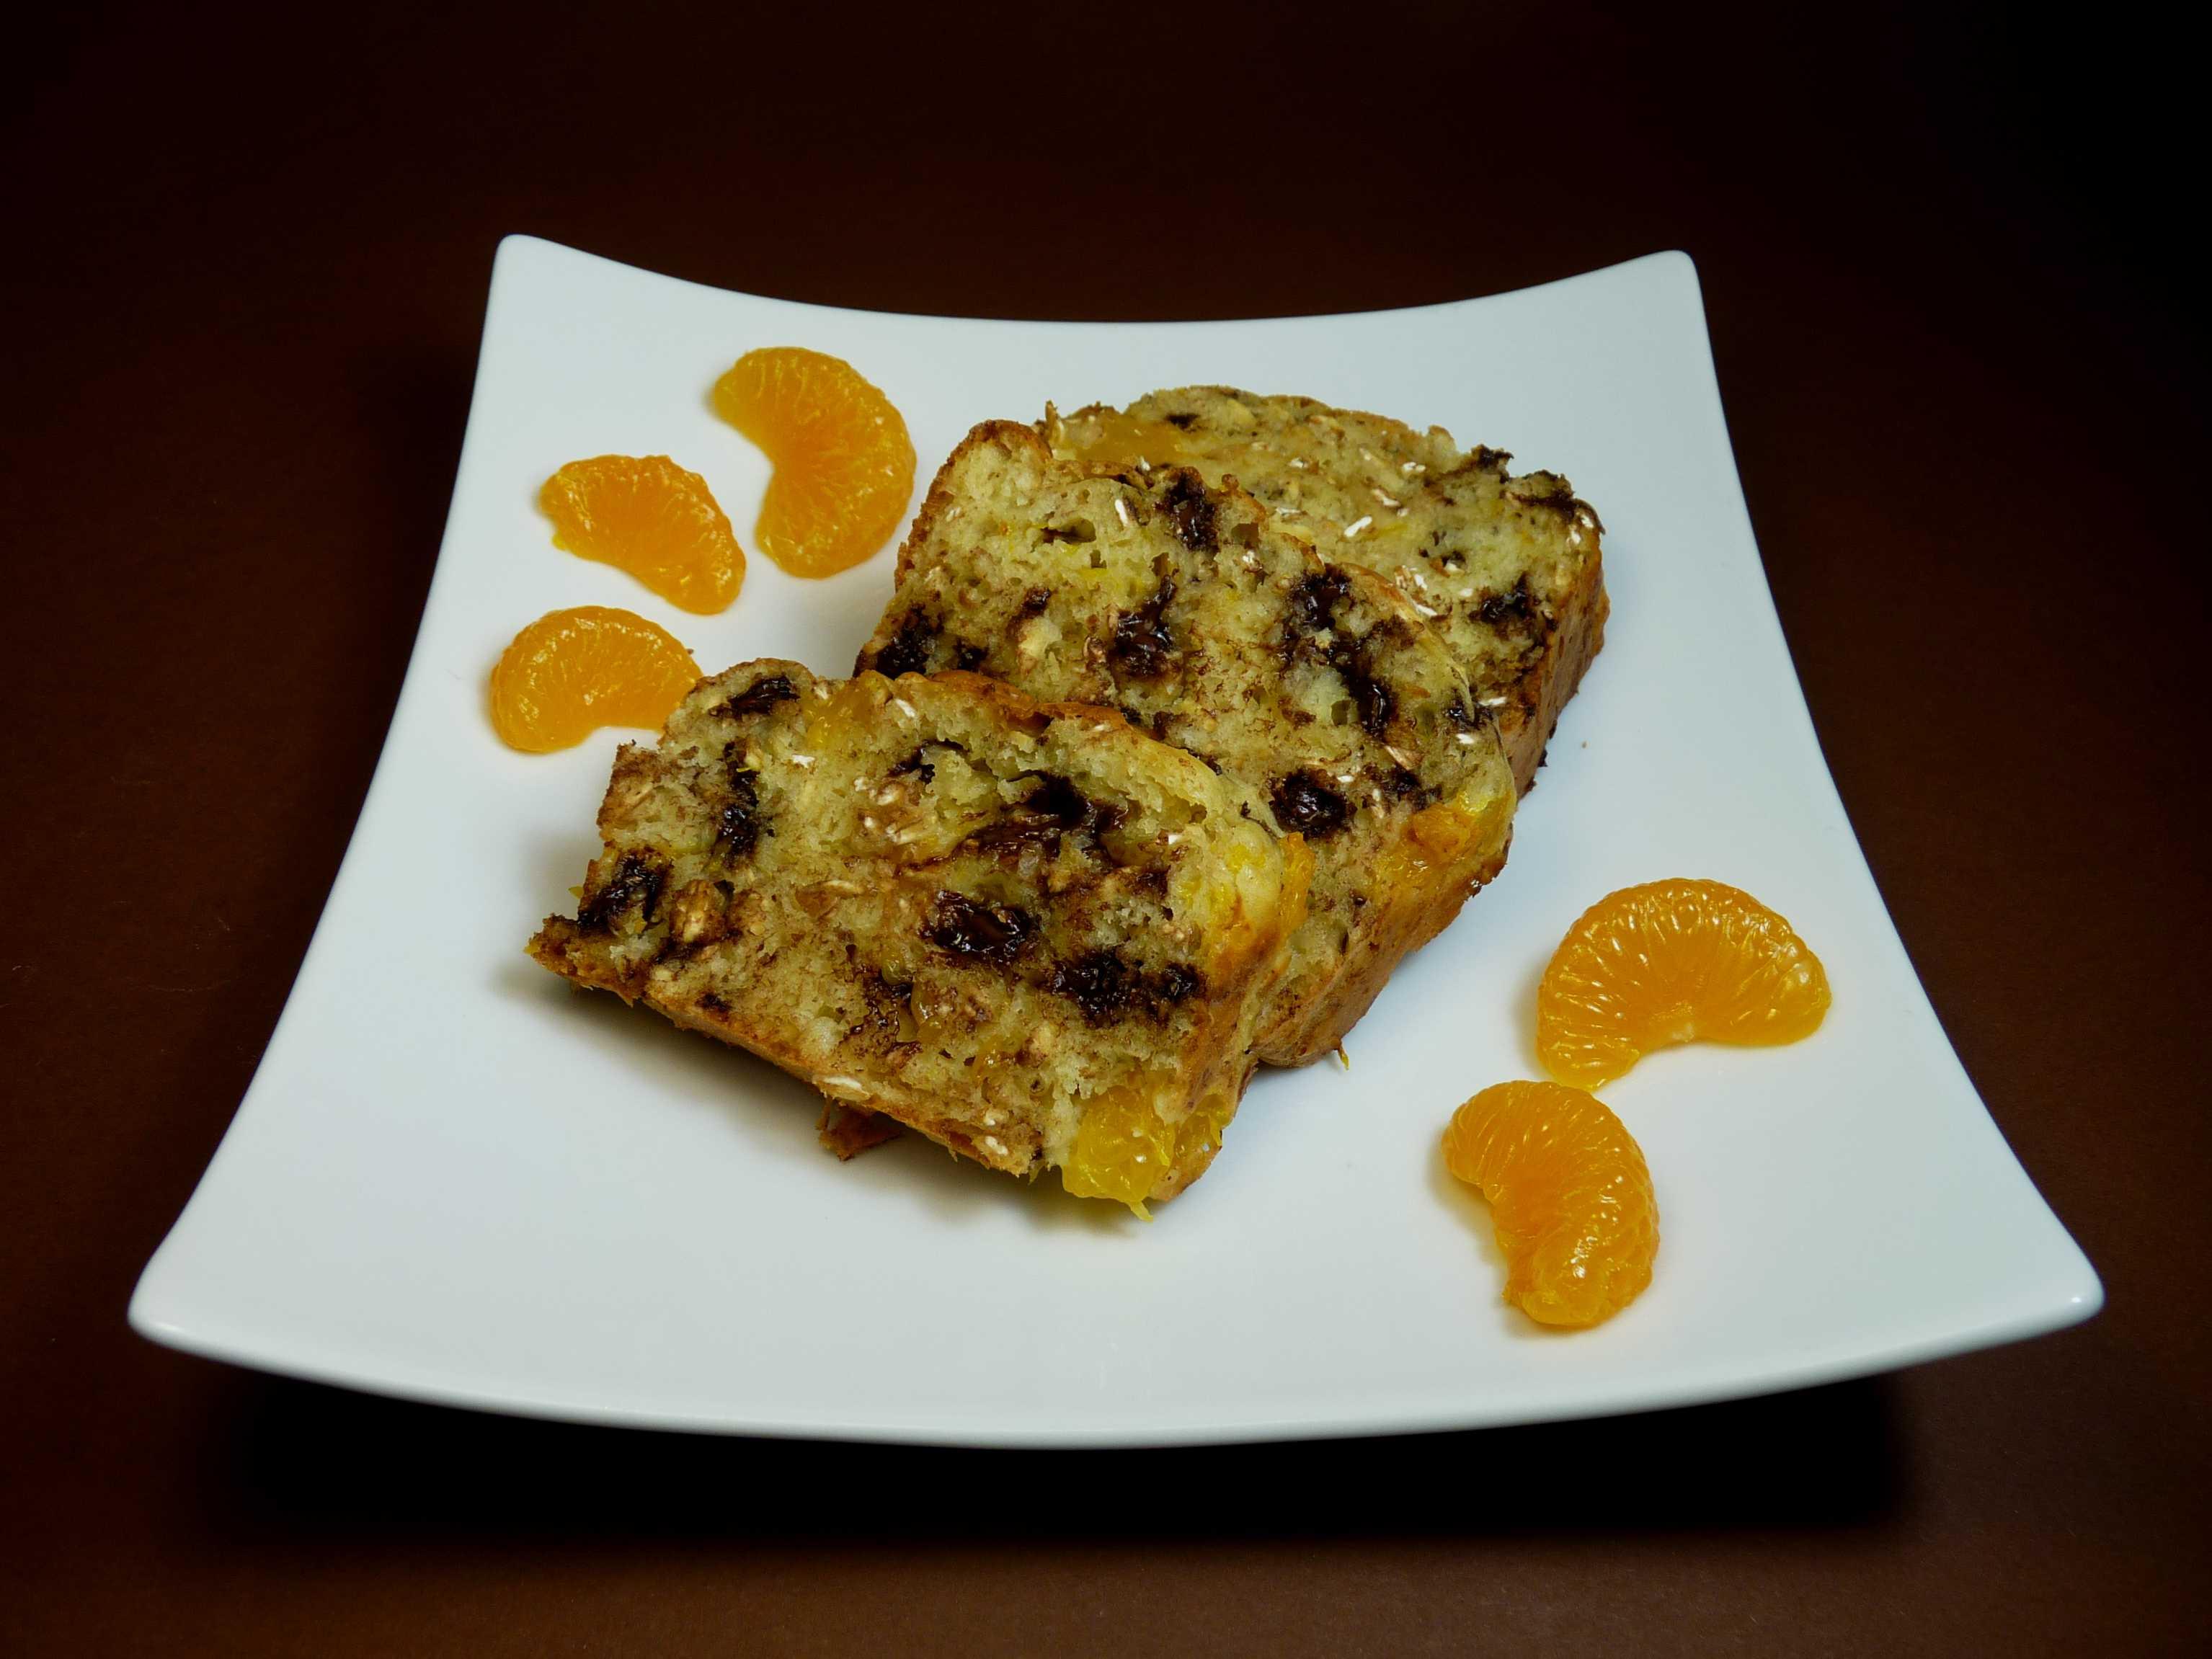 MandarinenJoghurtKuchenMitSchokosplittern (7)